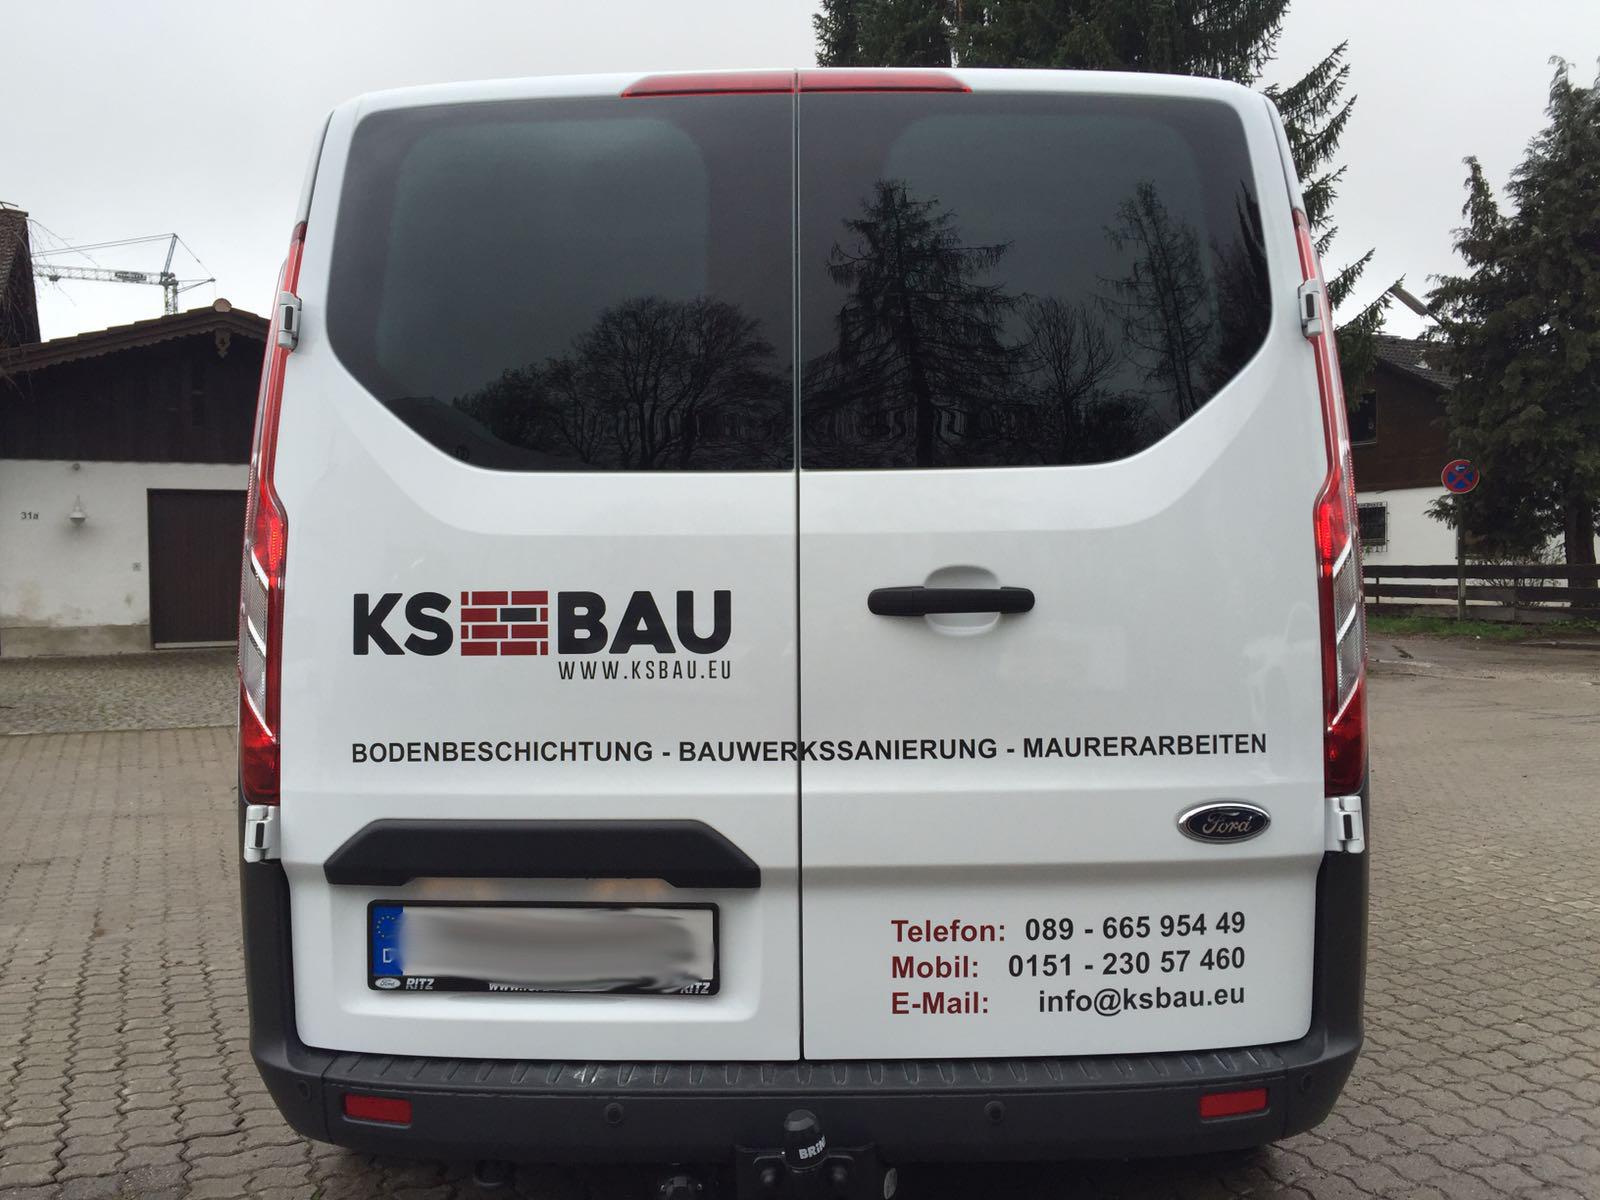 Autobeschriftung_Folie_Beklebung_Ingolstadt_München_Branding_2